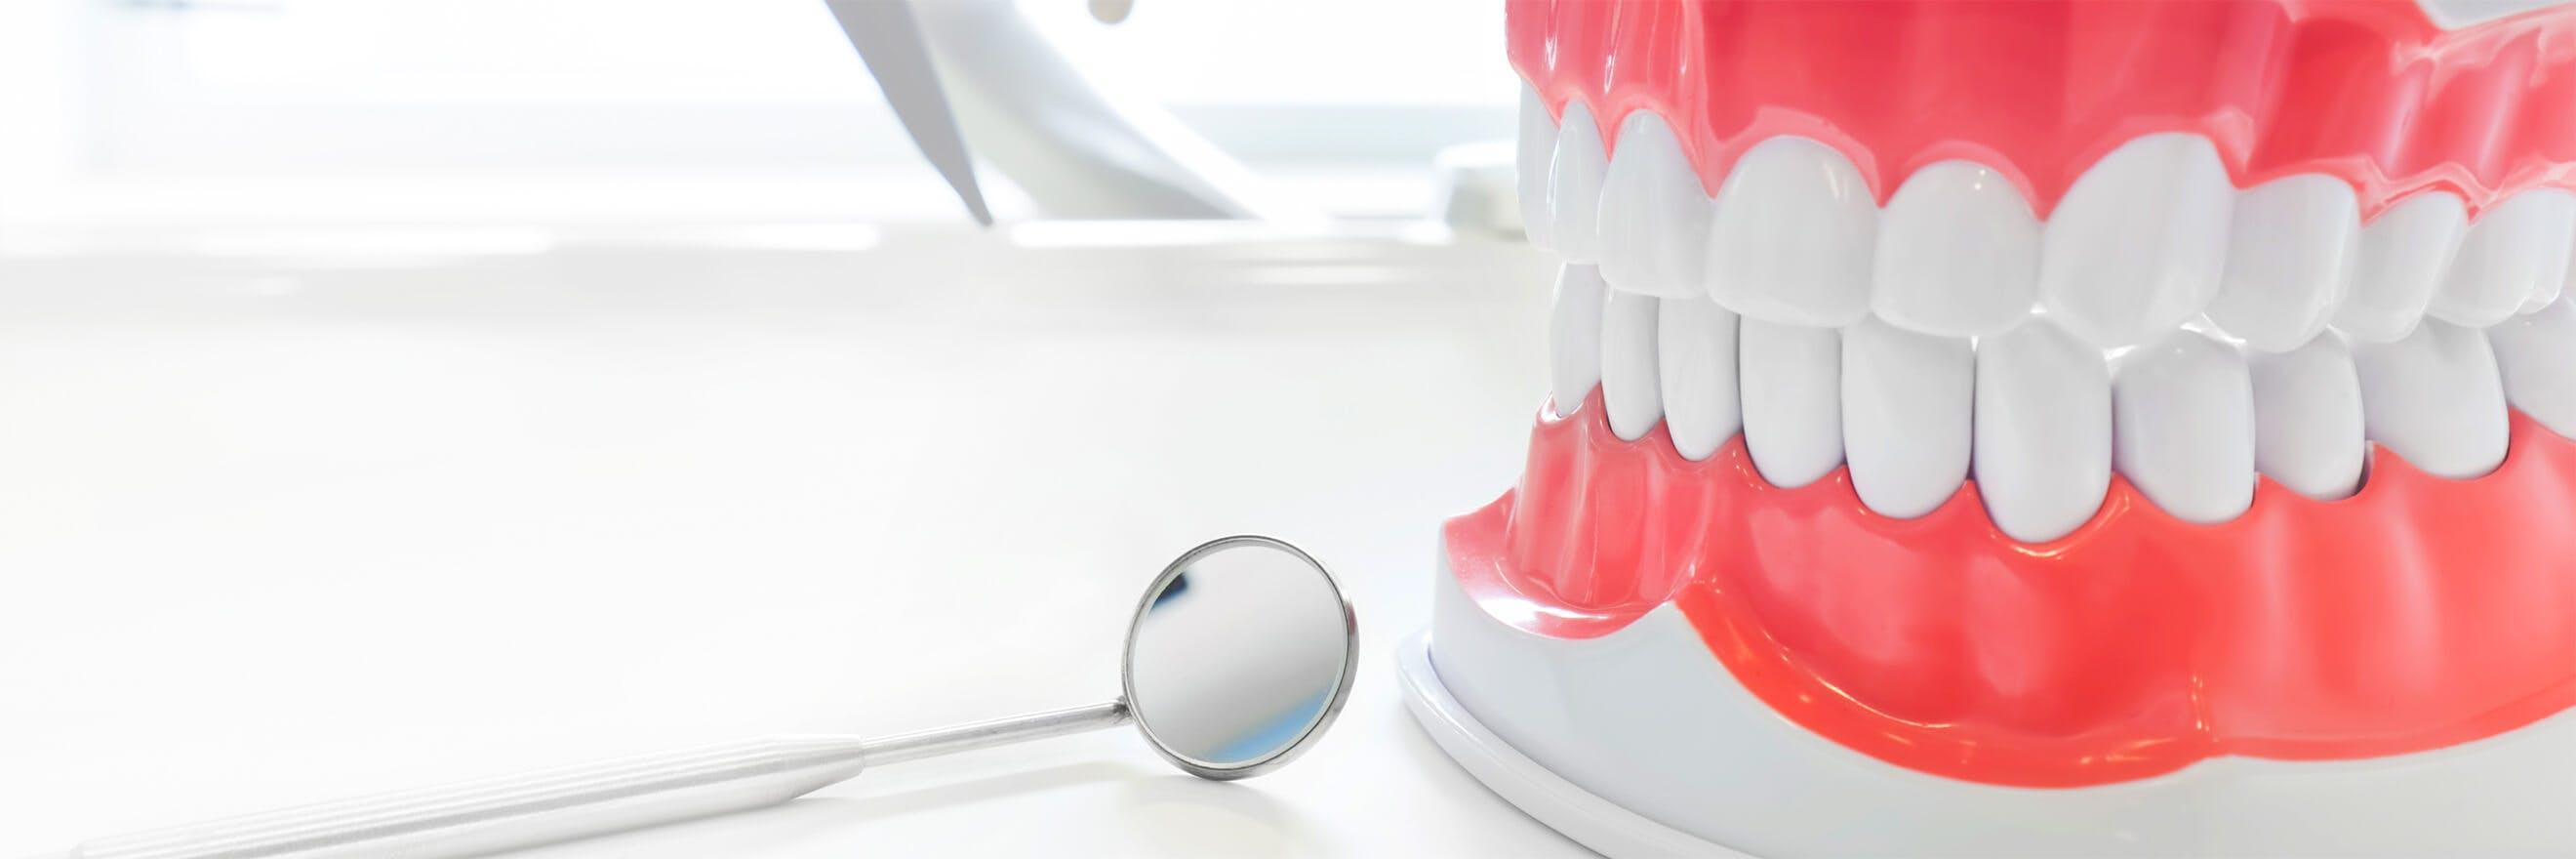 דגם של שיניים עם מראה של רופא שיניים